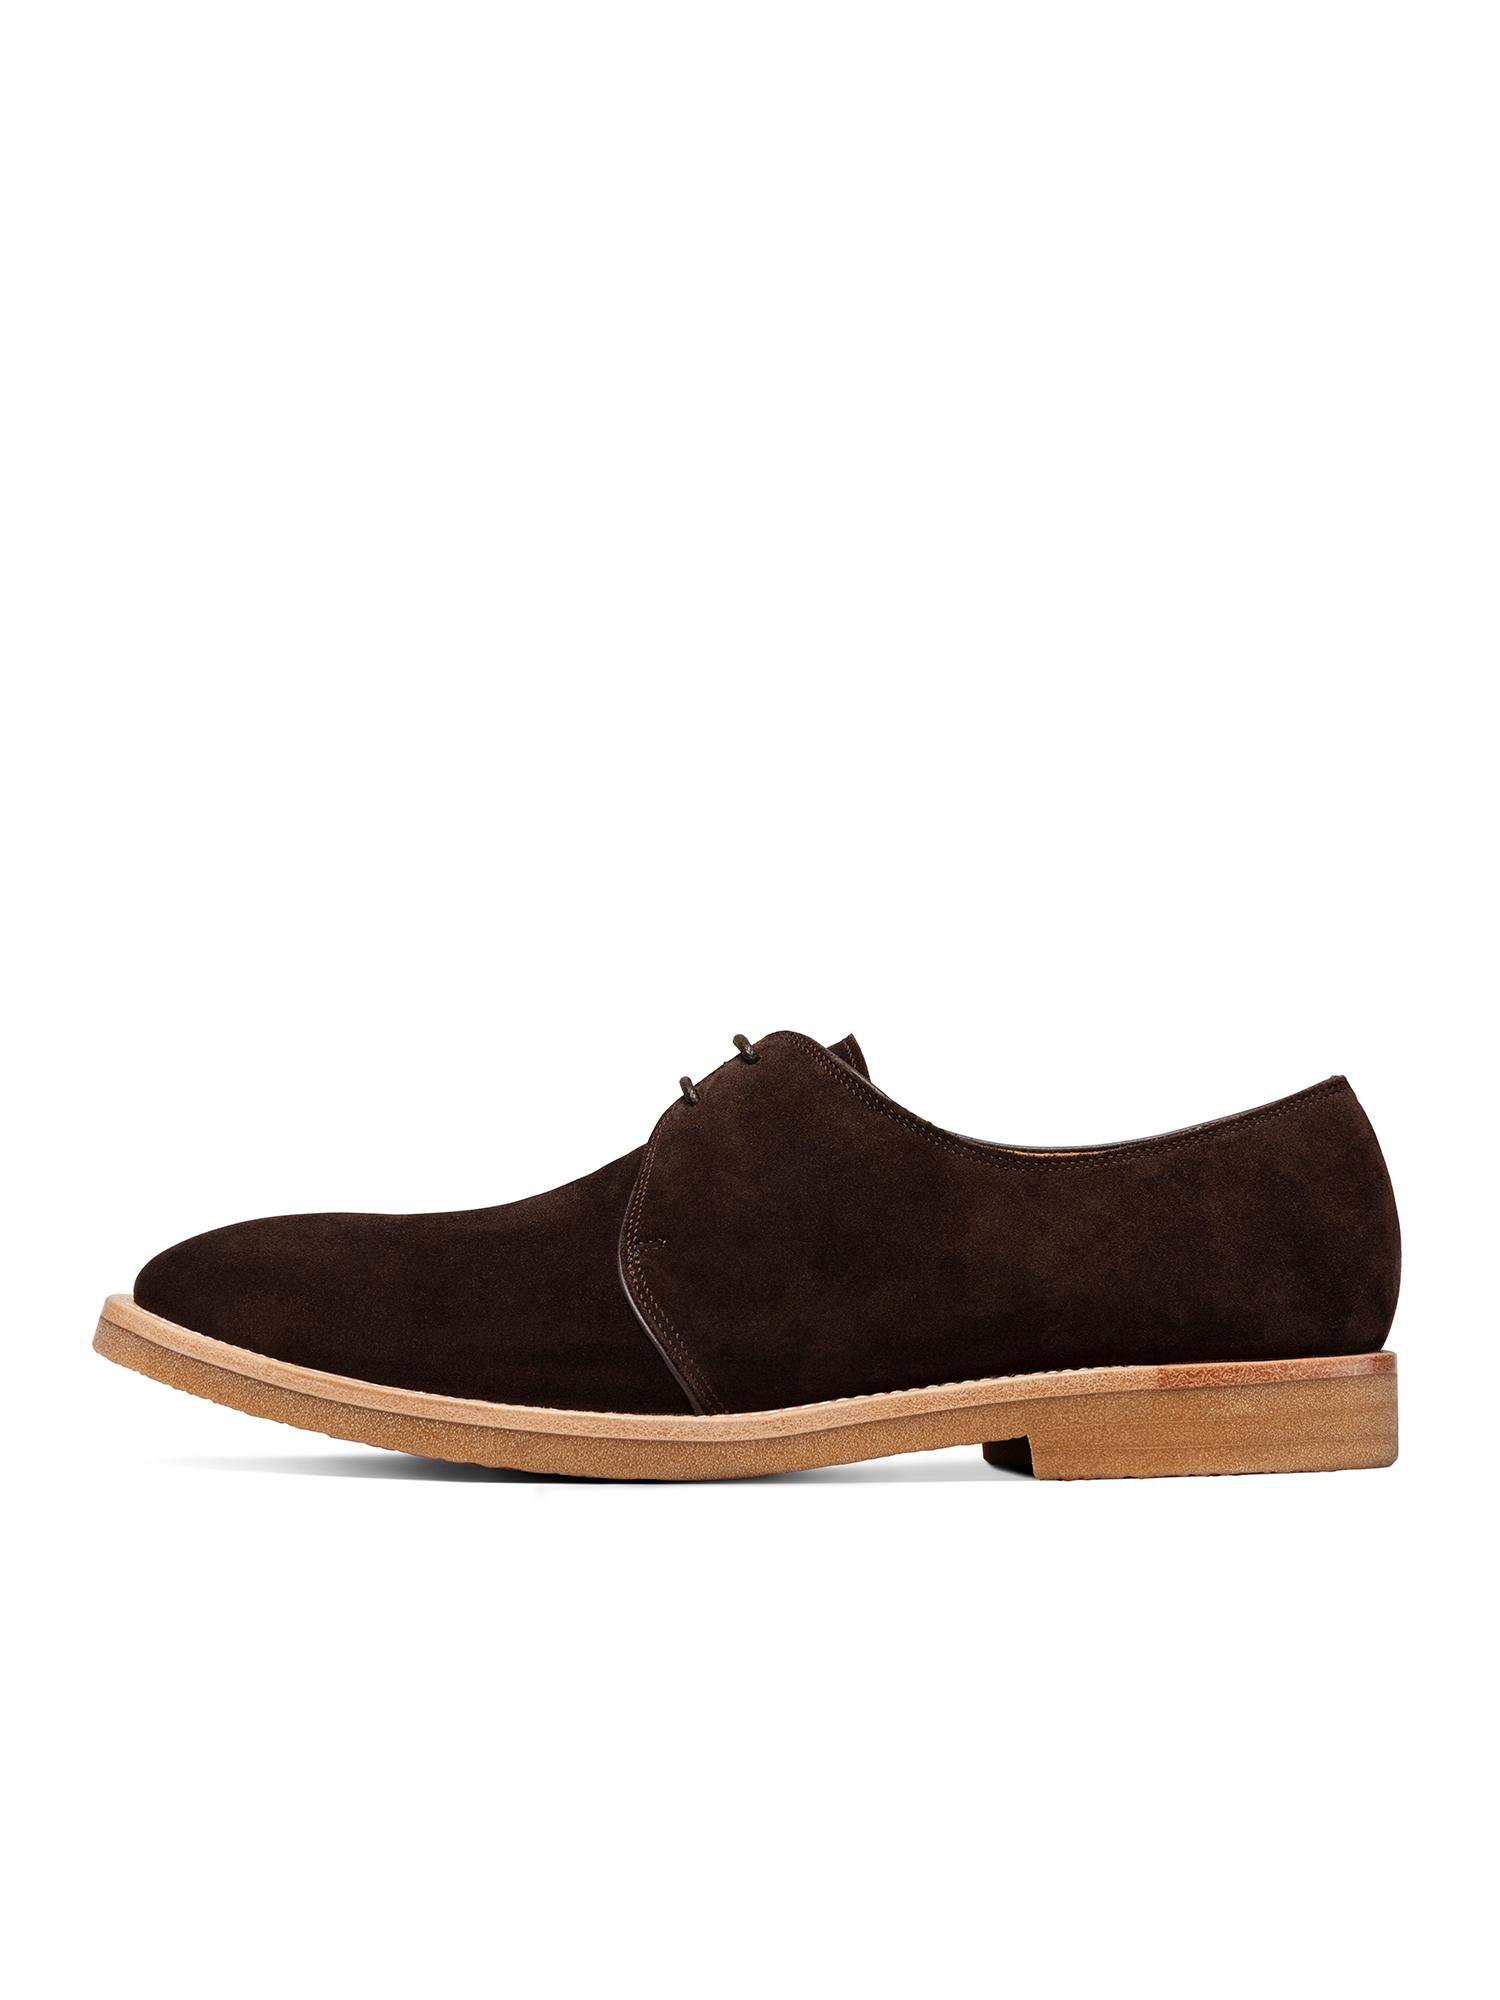 高档ThomWills男鞋反绒皮鞋男休闲复古商务英伦德比鞋低帮沙漠鞋